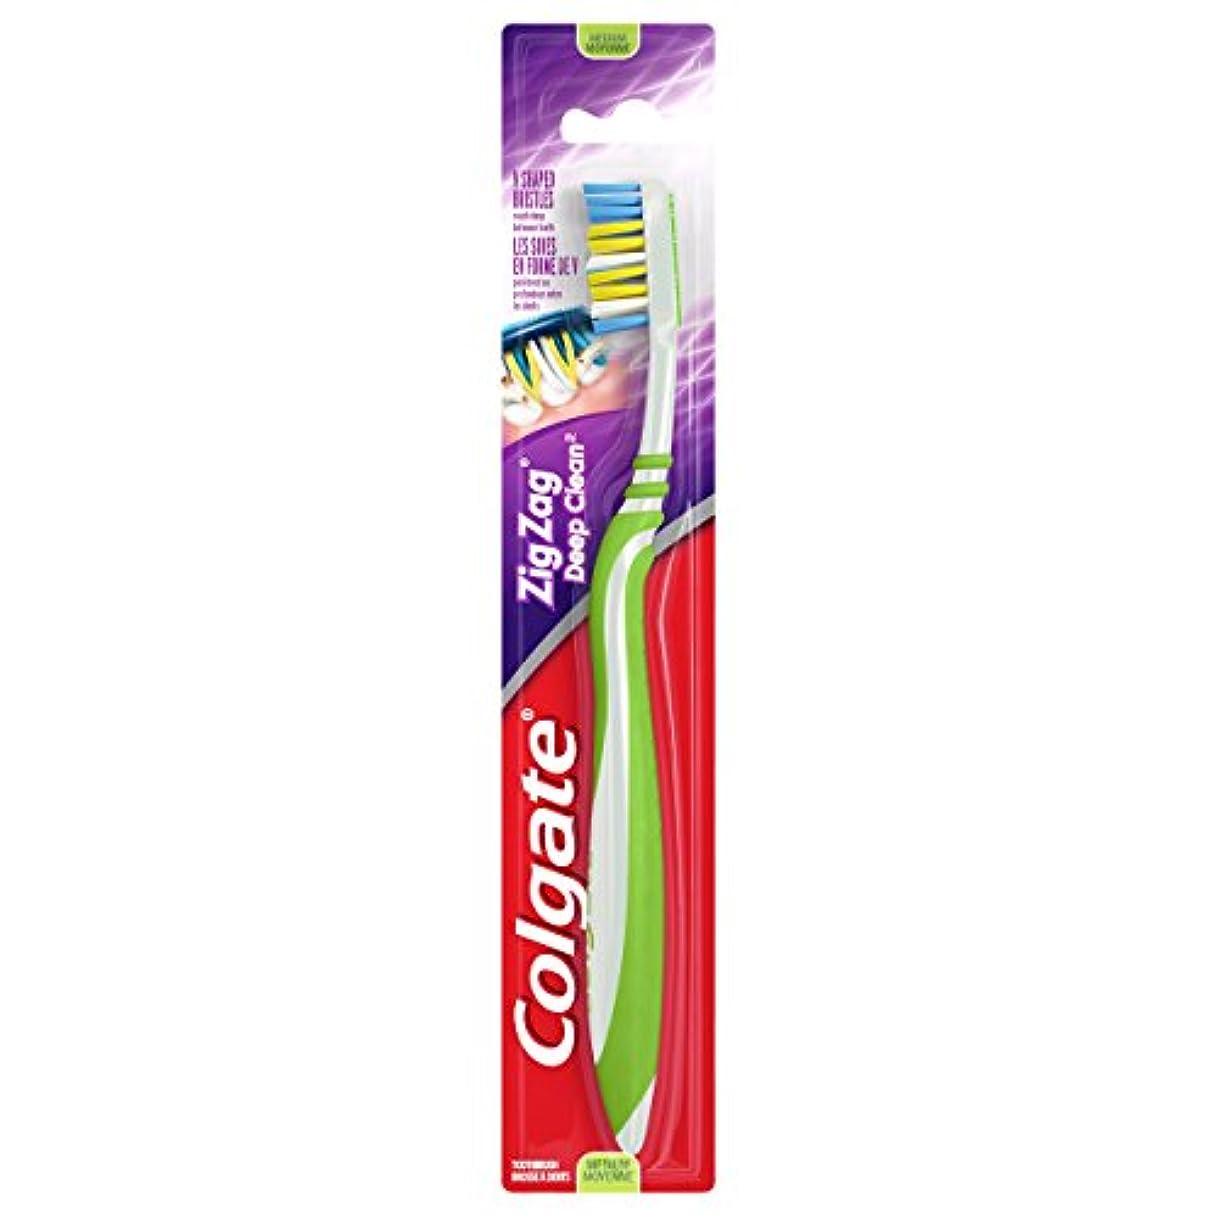 オーバードローフライカイト直感Colgate ジグザグディープクリーン歯ブラシ、ミディアム(6パック)